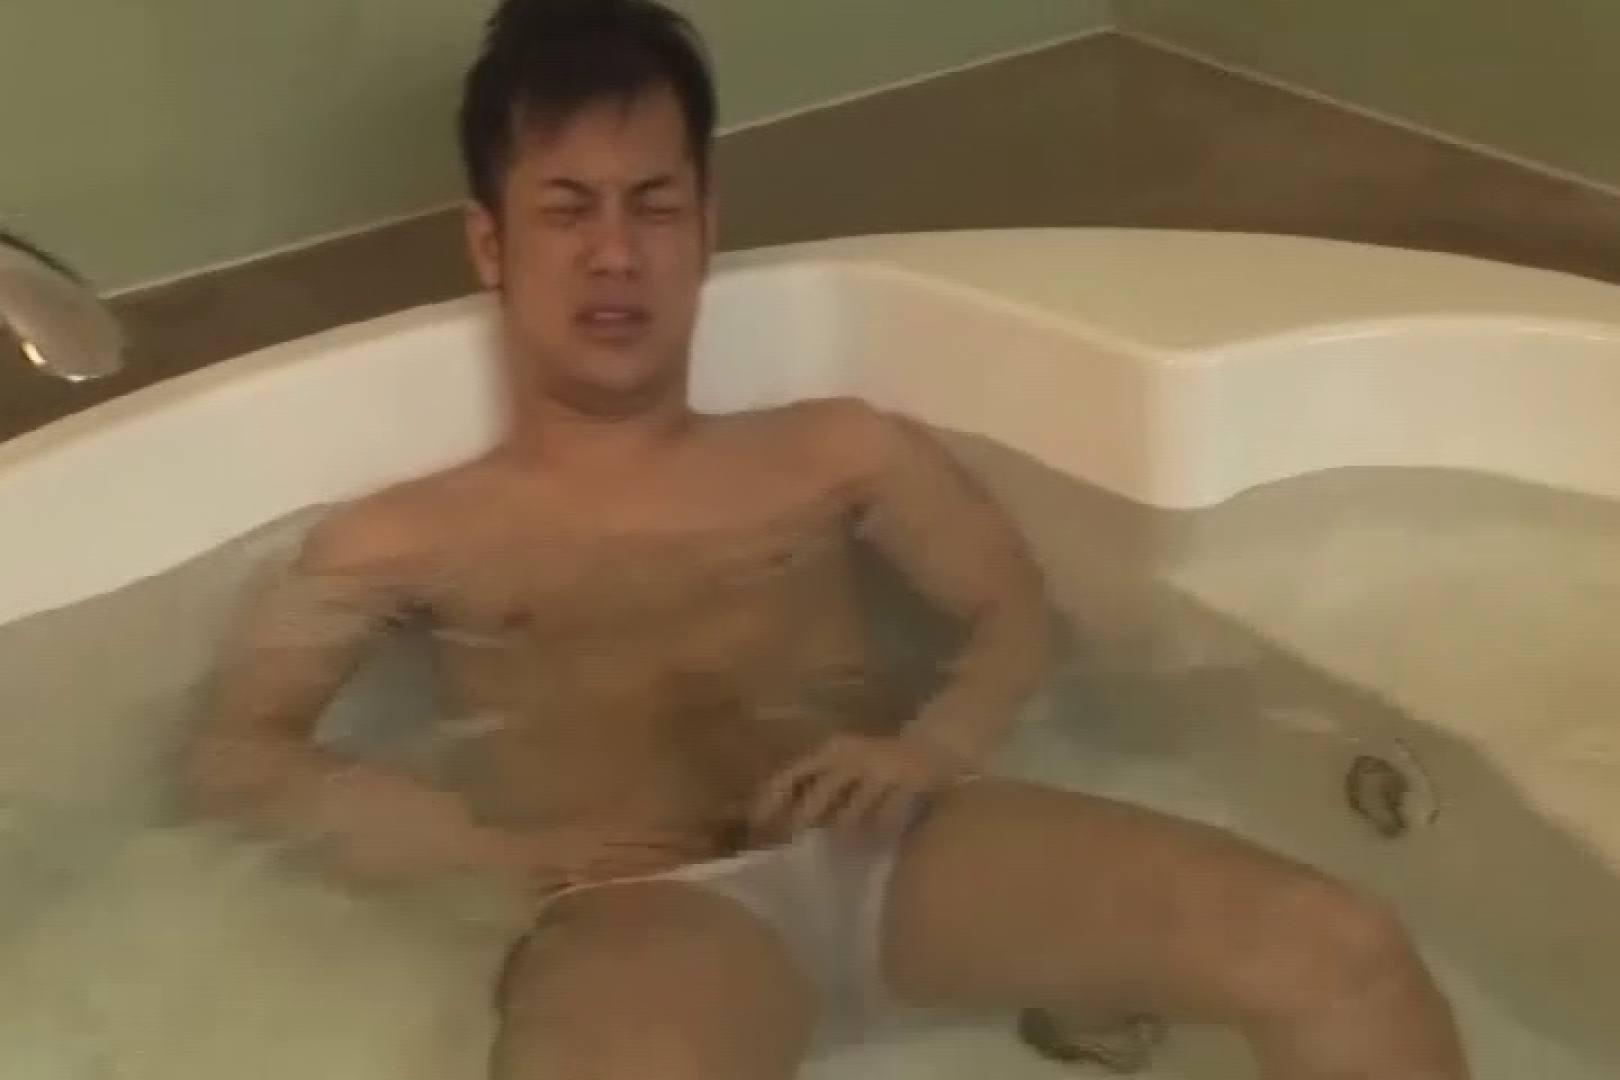 暴れん棒!!雄穴を狙え!! vol.02 手コキ ゲイエロ画像 88pic 38